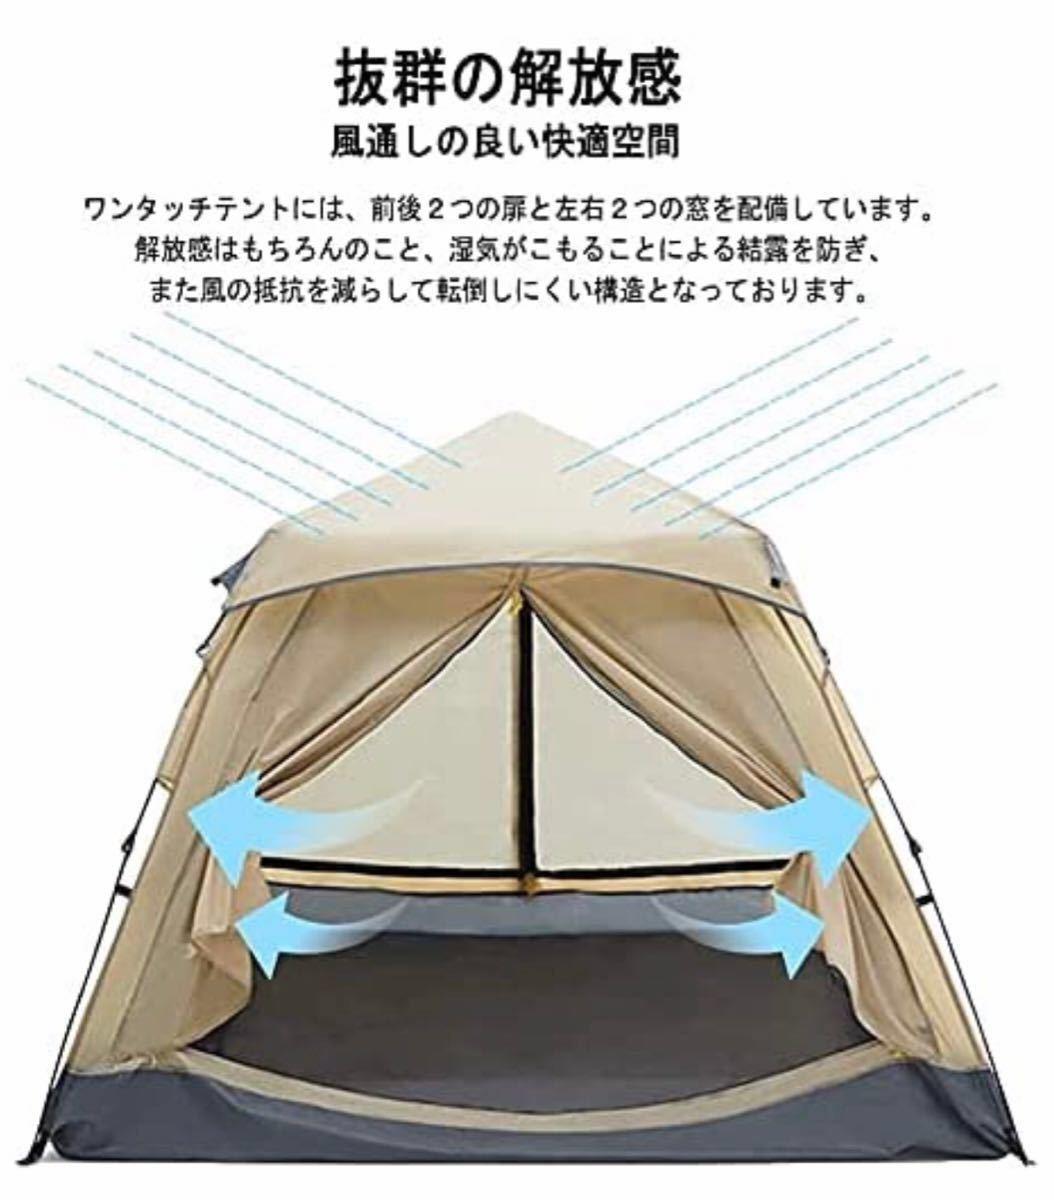 テント ワンタッチテント